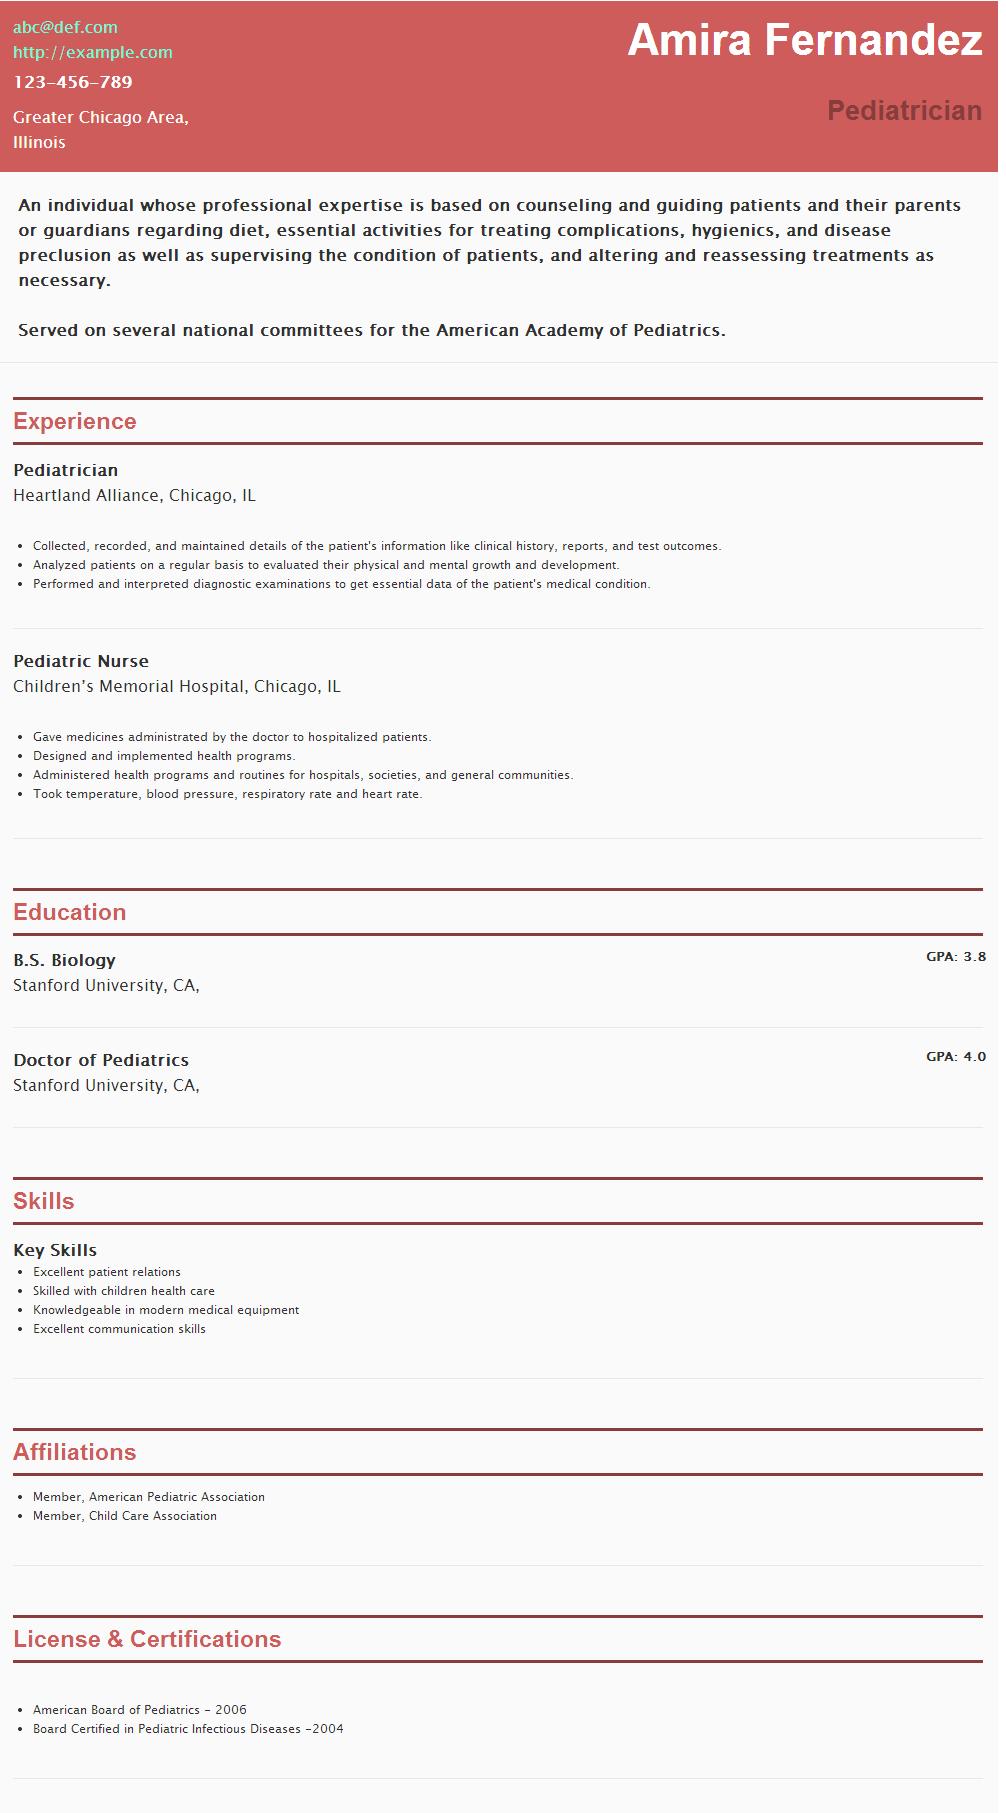 Resume for Pediatrician